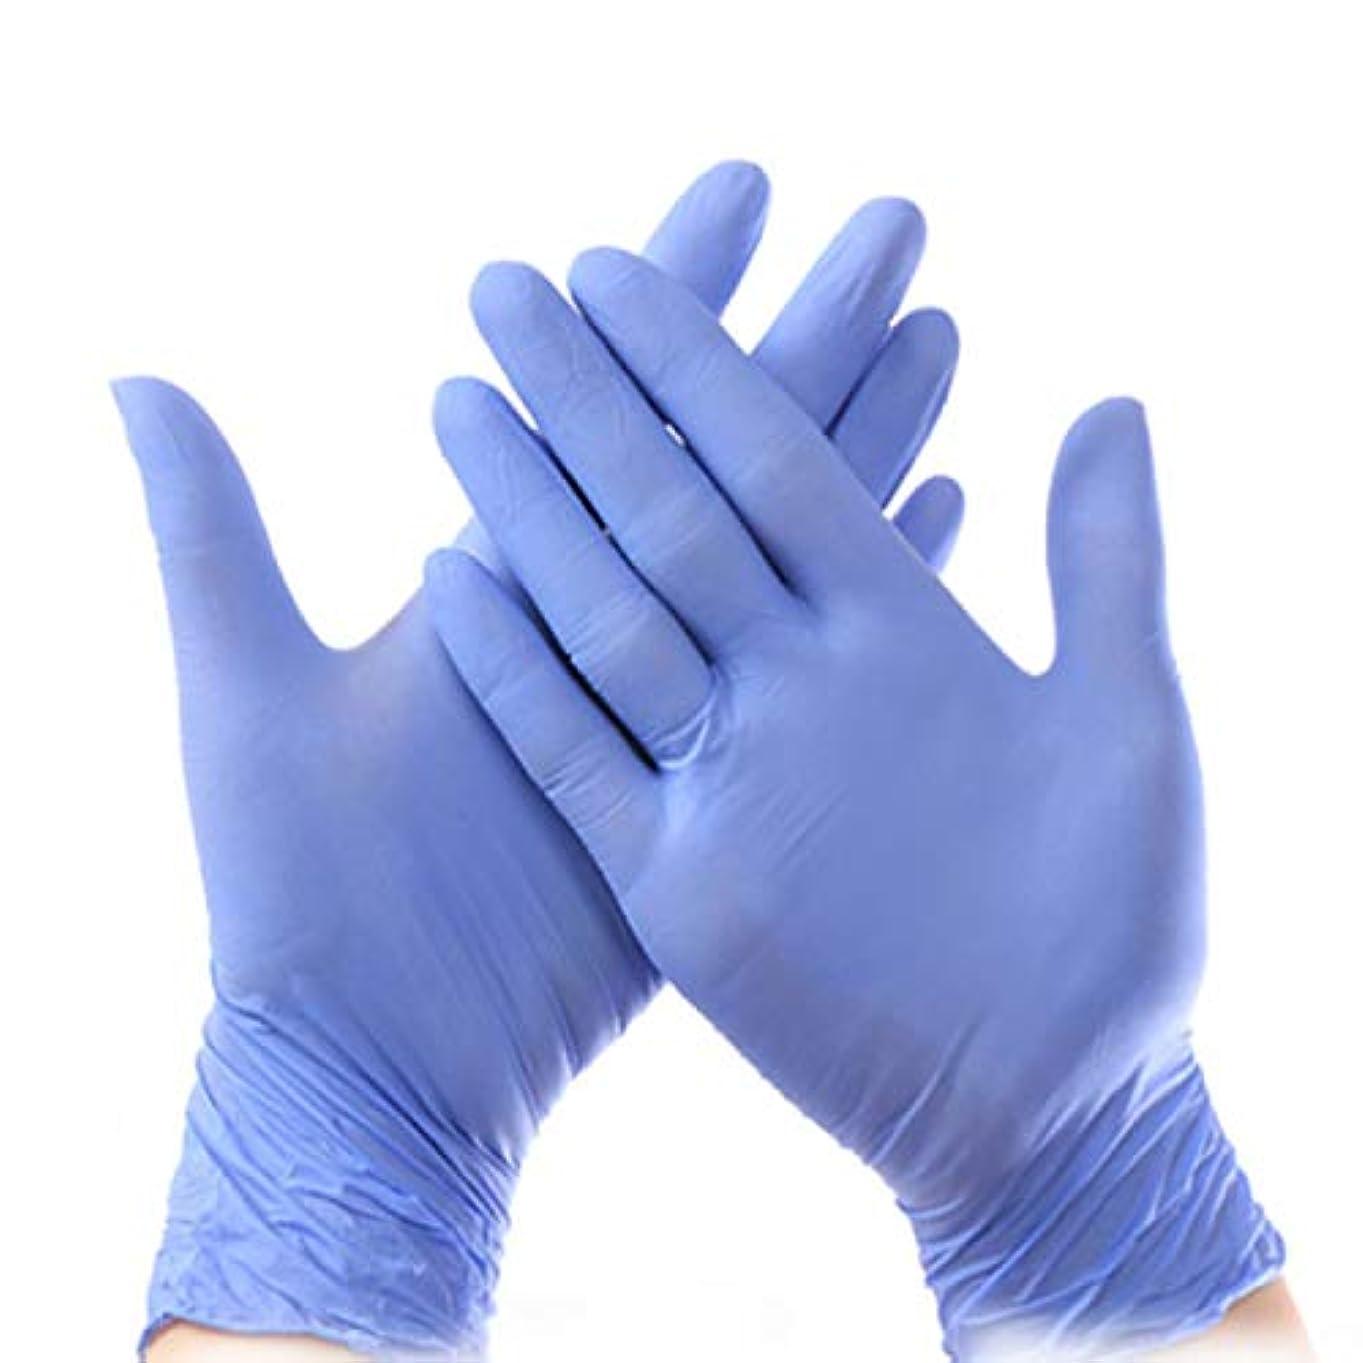 設計拒絶する内側使い捨て手袋 ニトリル工業用手袋、パウダーフリー、使い捨て食品安全、パープル、ラテックスフリー、100個入り ニトリルゴム手袋 (Color : Purple, Size : S)